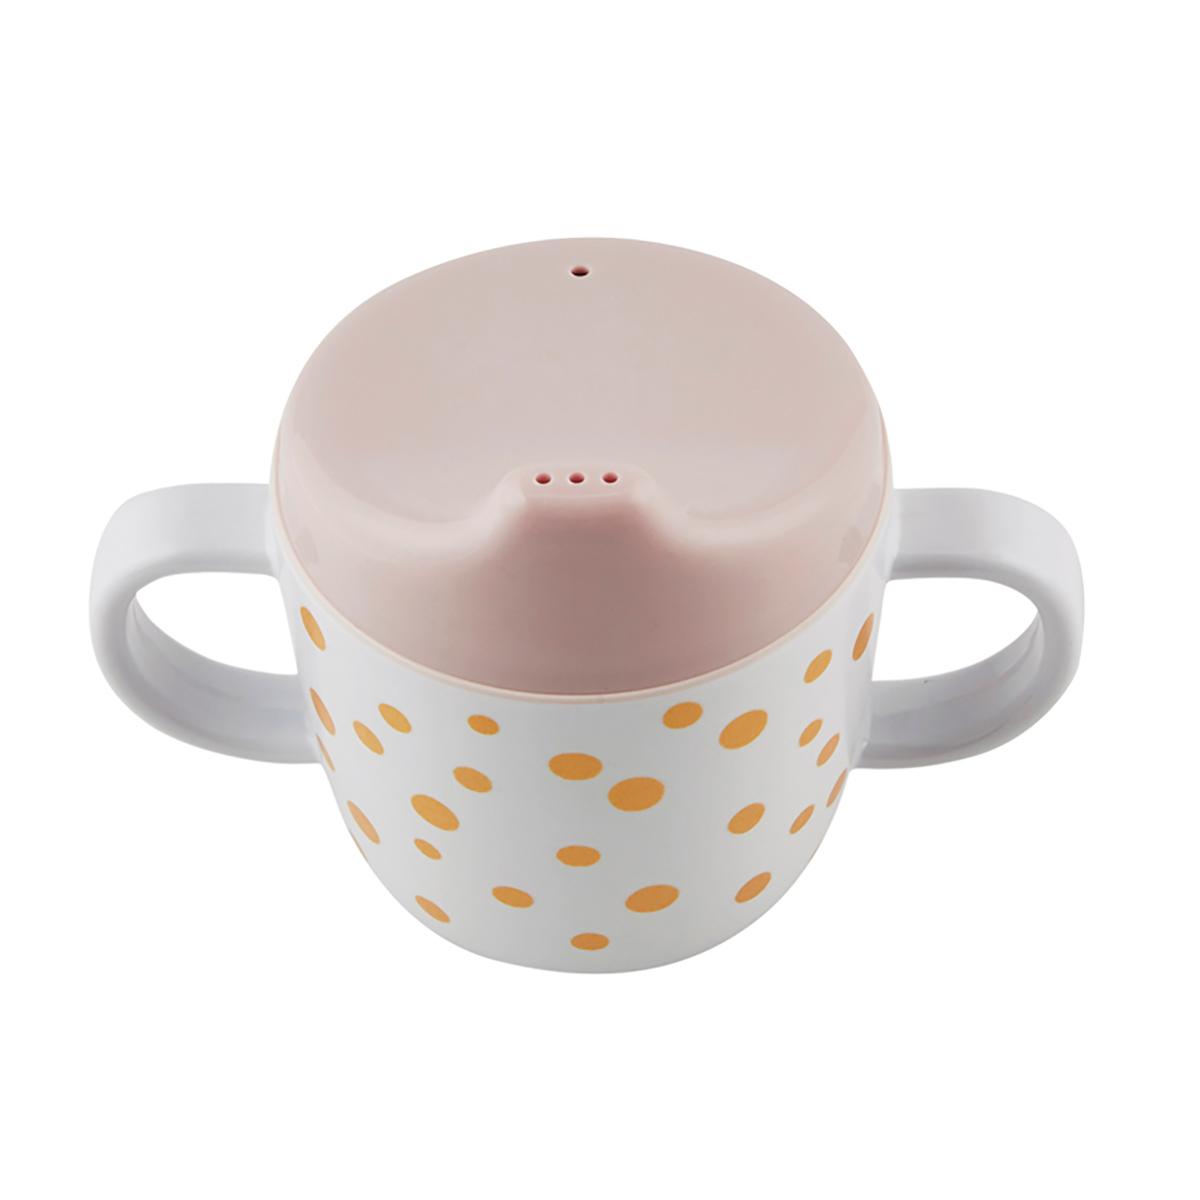 Tasse & Verre Tasse d'apprentissage - Dots - Or / Rose Tasse d'apprentissage - Dots - Or / Rose